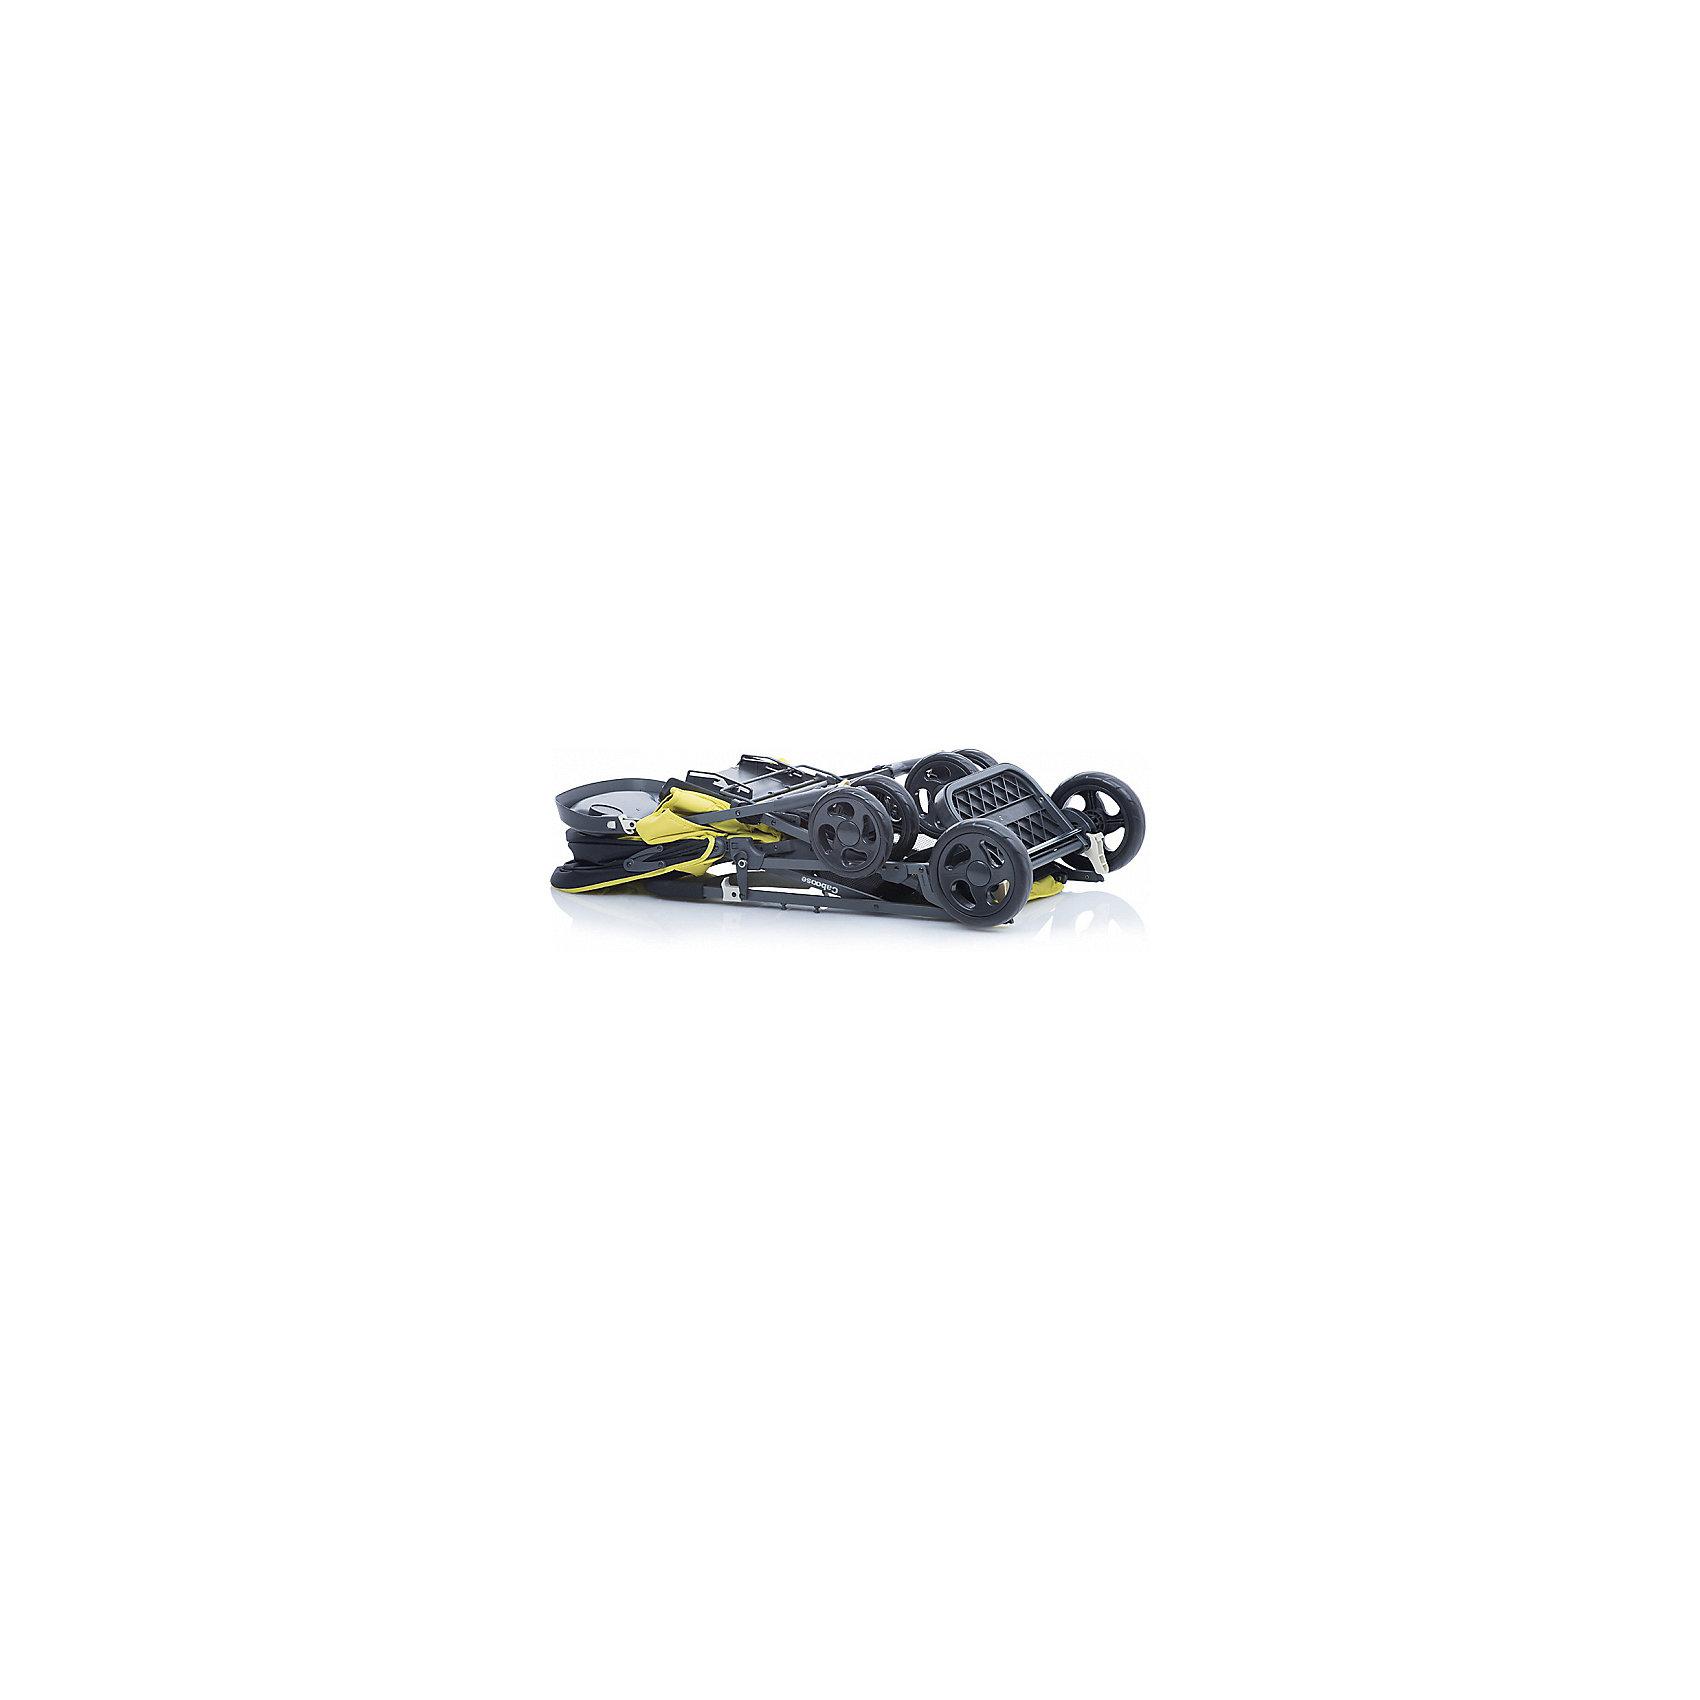 Прогулочная коляска Caboose Graphite, Joovy, черный